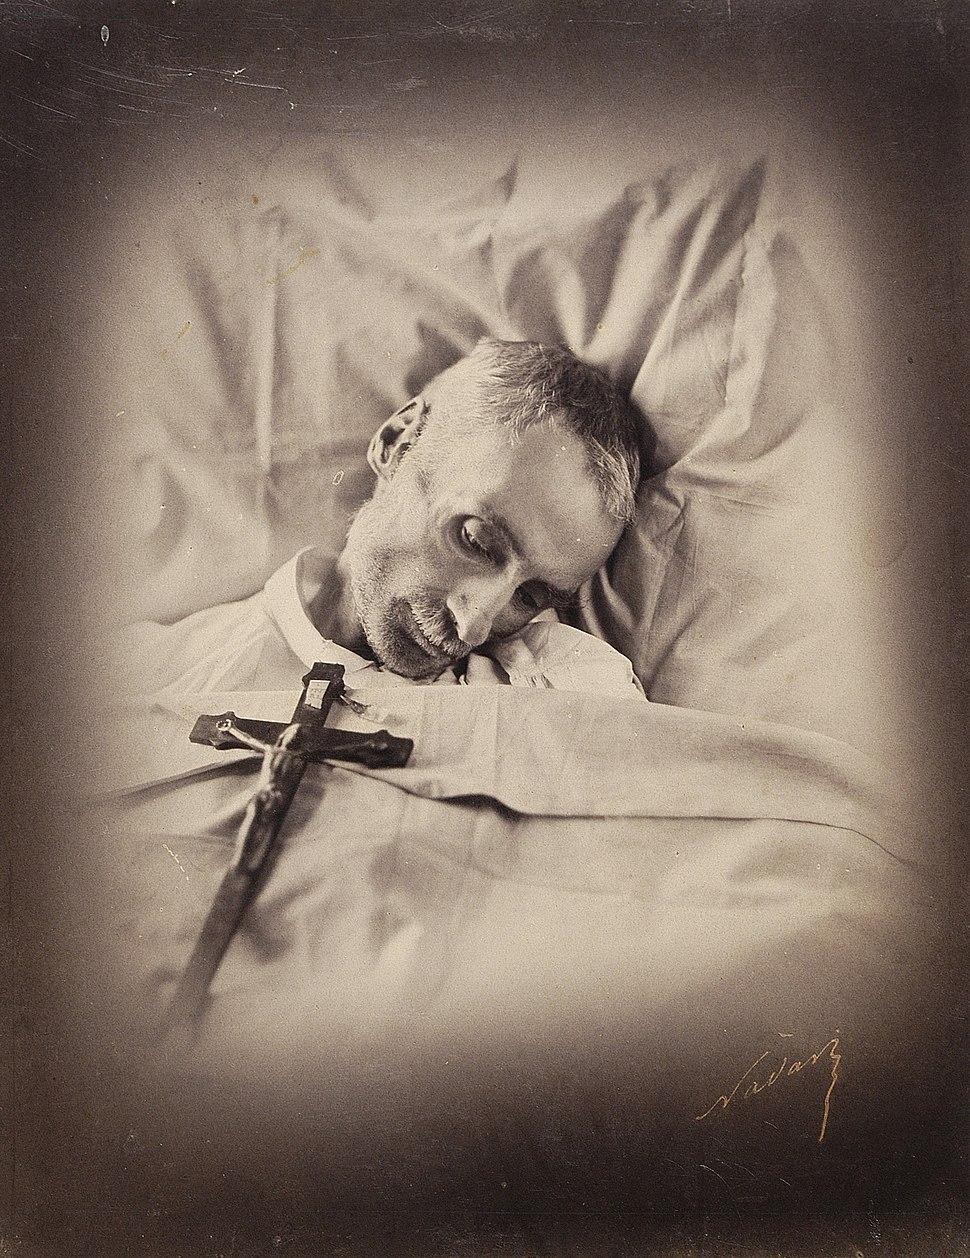 Portret pośmiertny Zygmunta Krasińskiego